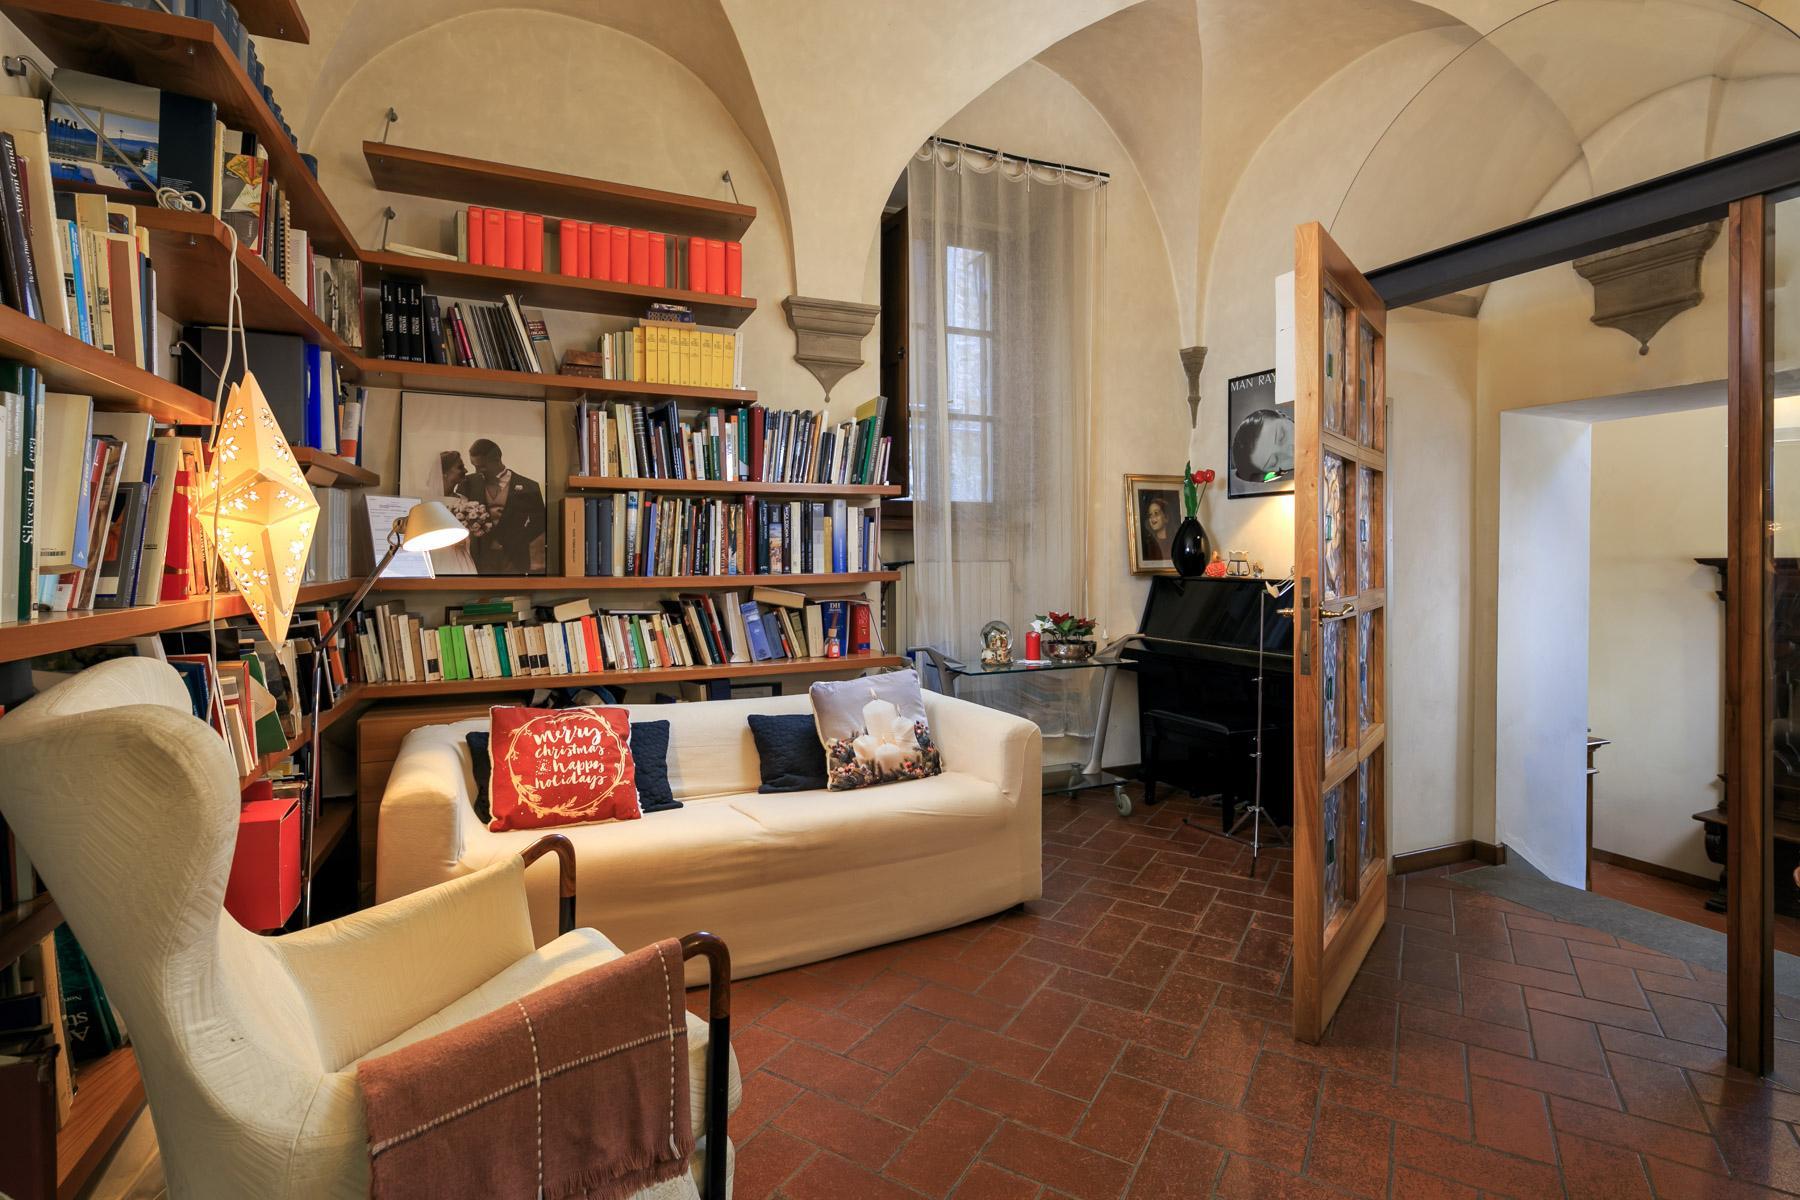 Palazzo Rinascimentale in Vendita a pochi passi da Piazza Grande, Arezzo - 15